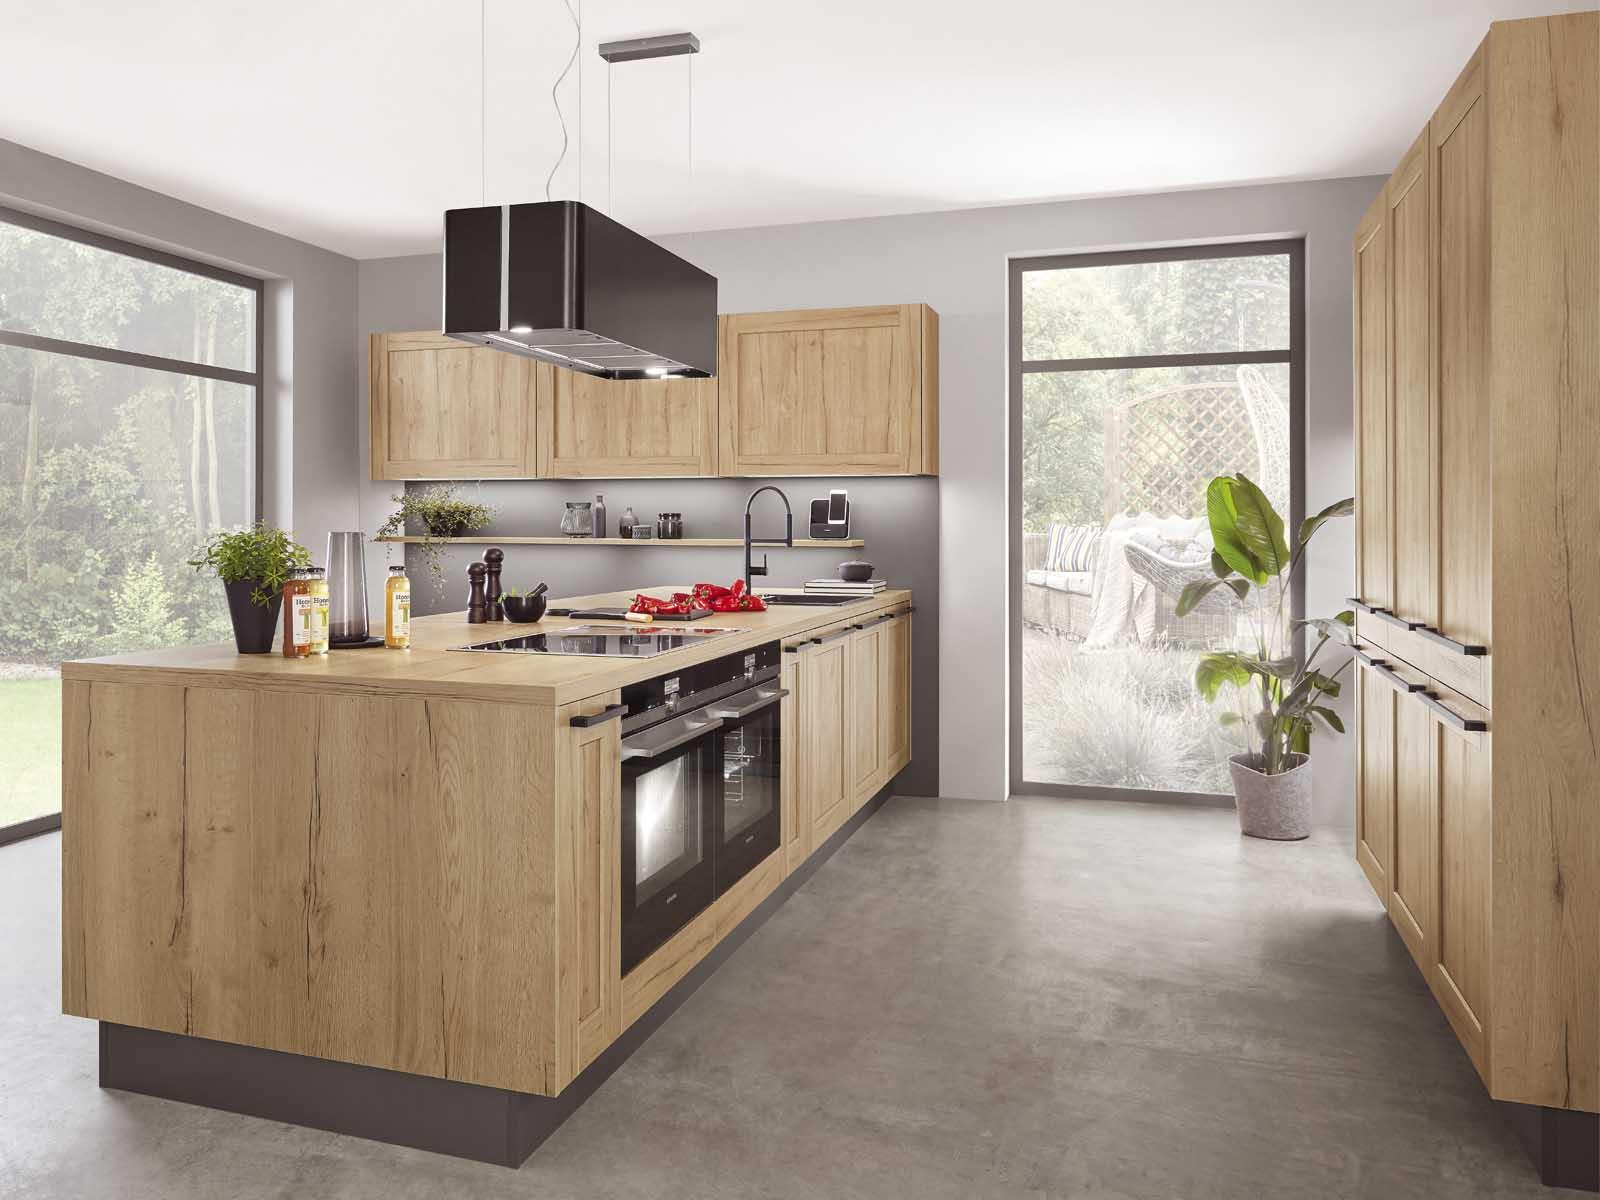 Cocina Moderna Küchentime Kansas 597